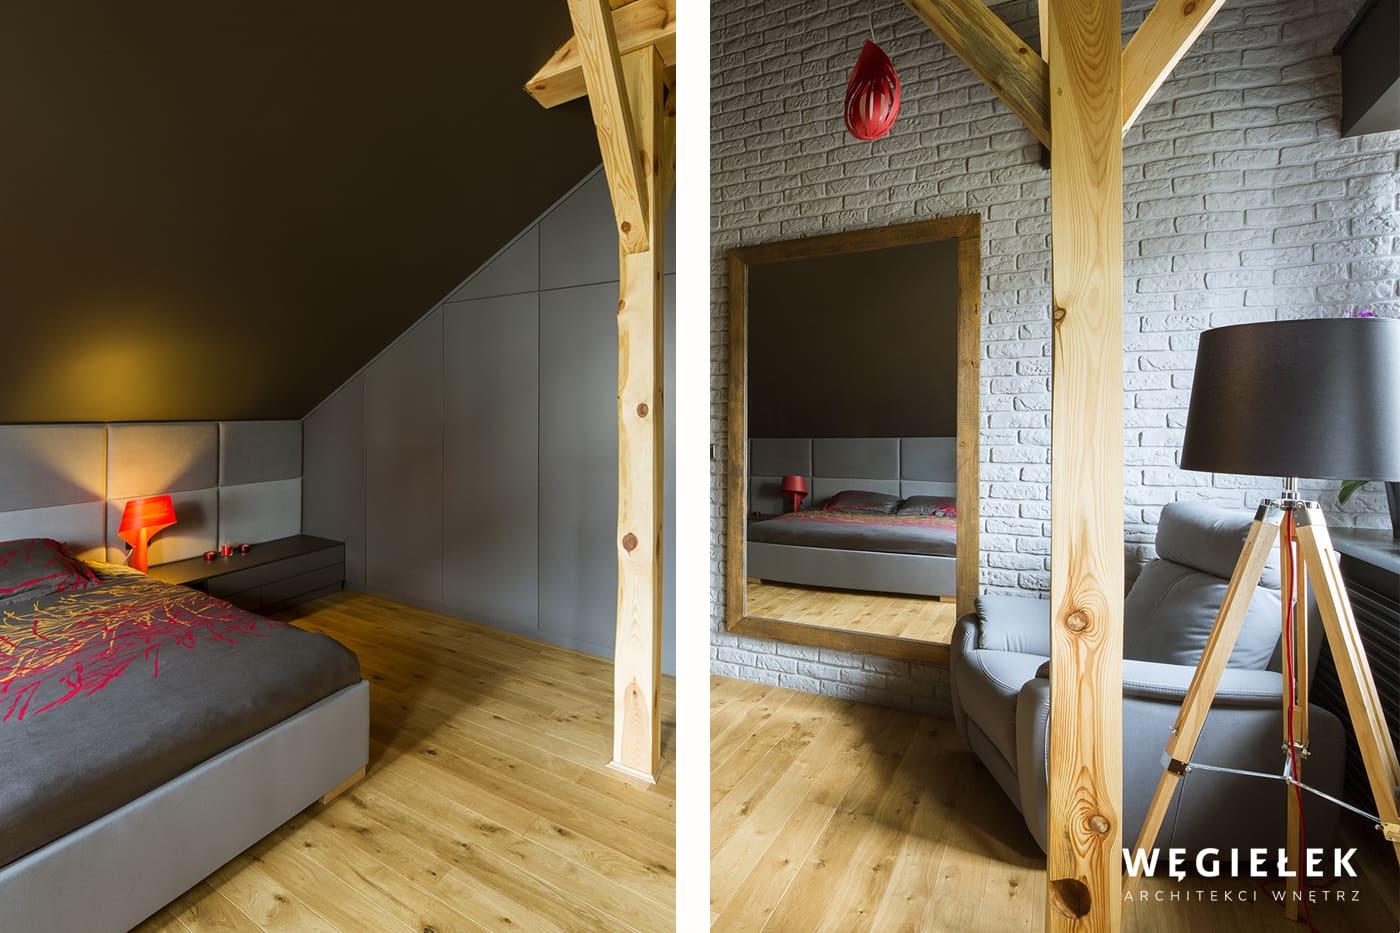 Sypialnia na poddaszu mieszkania jest w szarościach. Architekt z Warszawy zadbał o to, żeby była przytulna, chociażby poprzez miękkie, tapicerowane ściany.